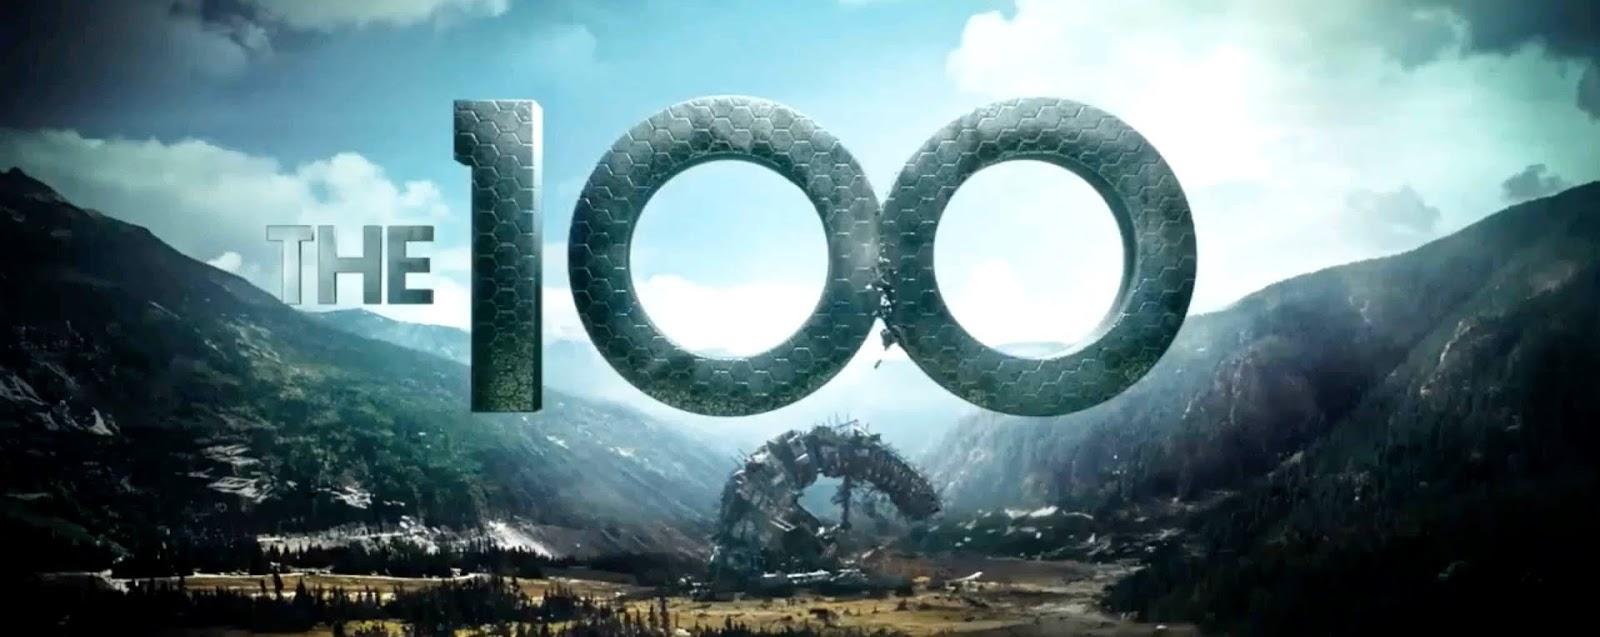 Cei 100 serial online